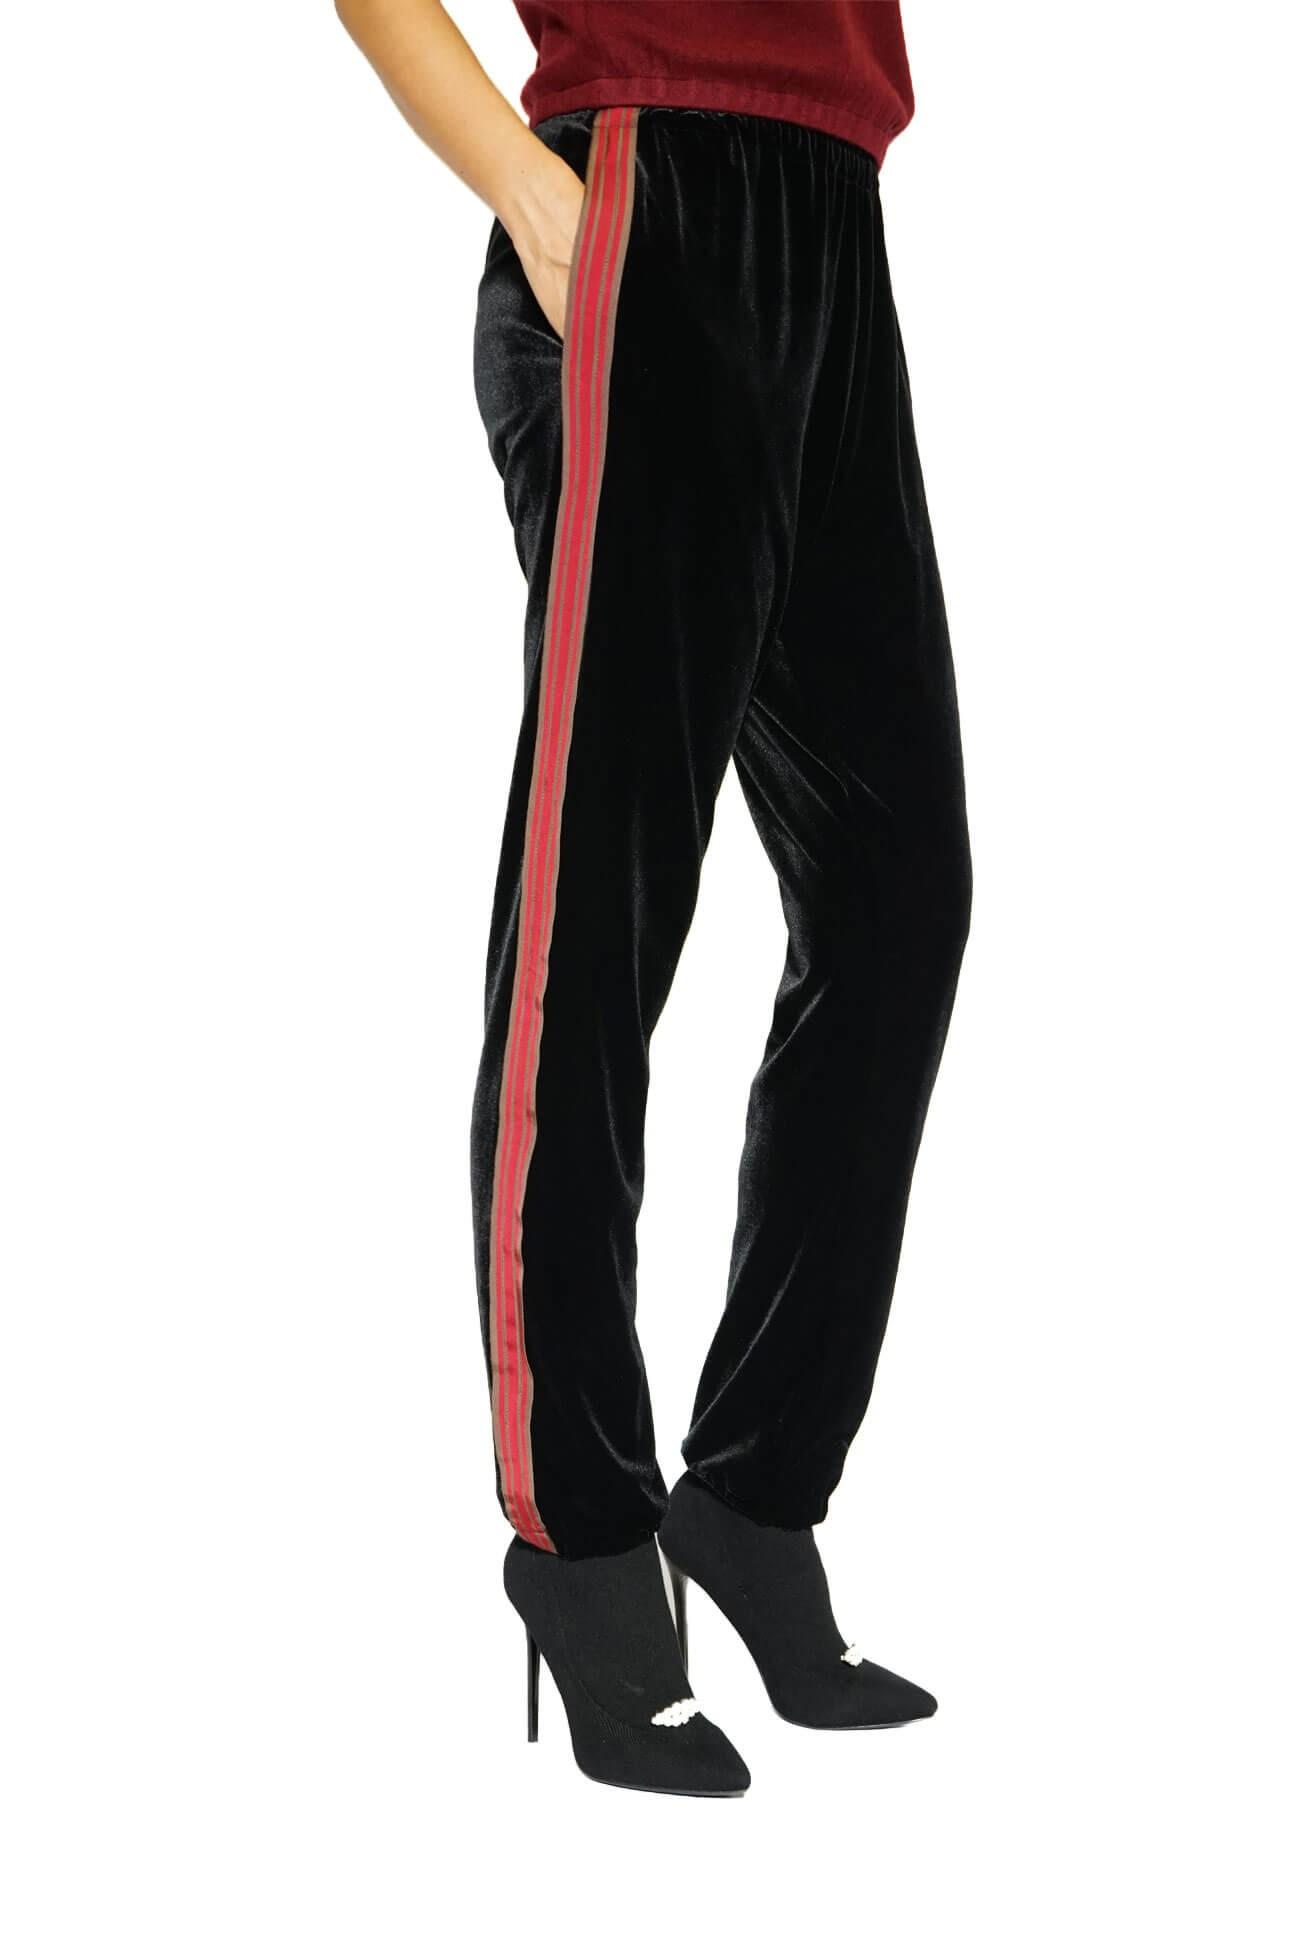 pantalon lejer din catifea cu bentite pe lateral